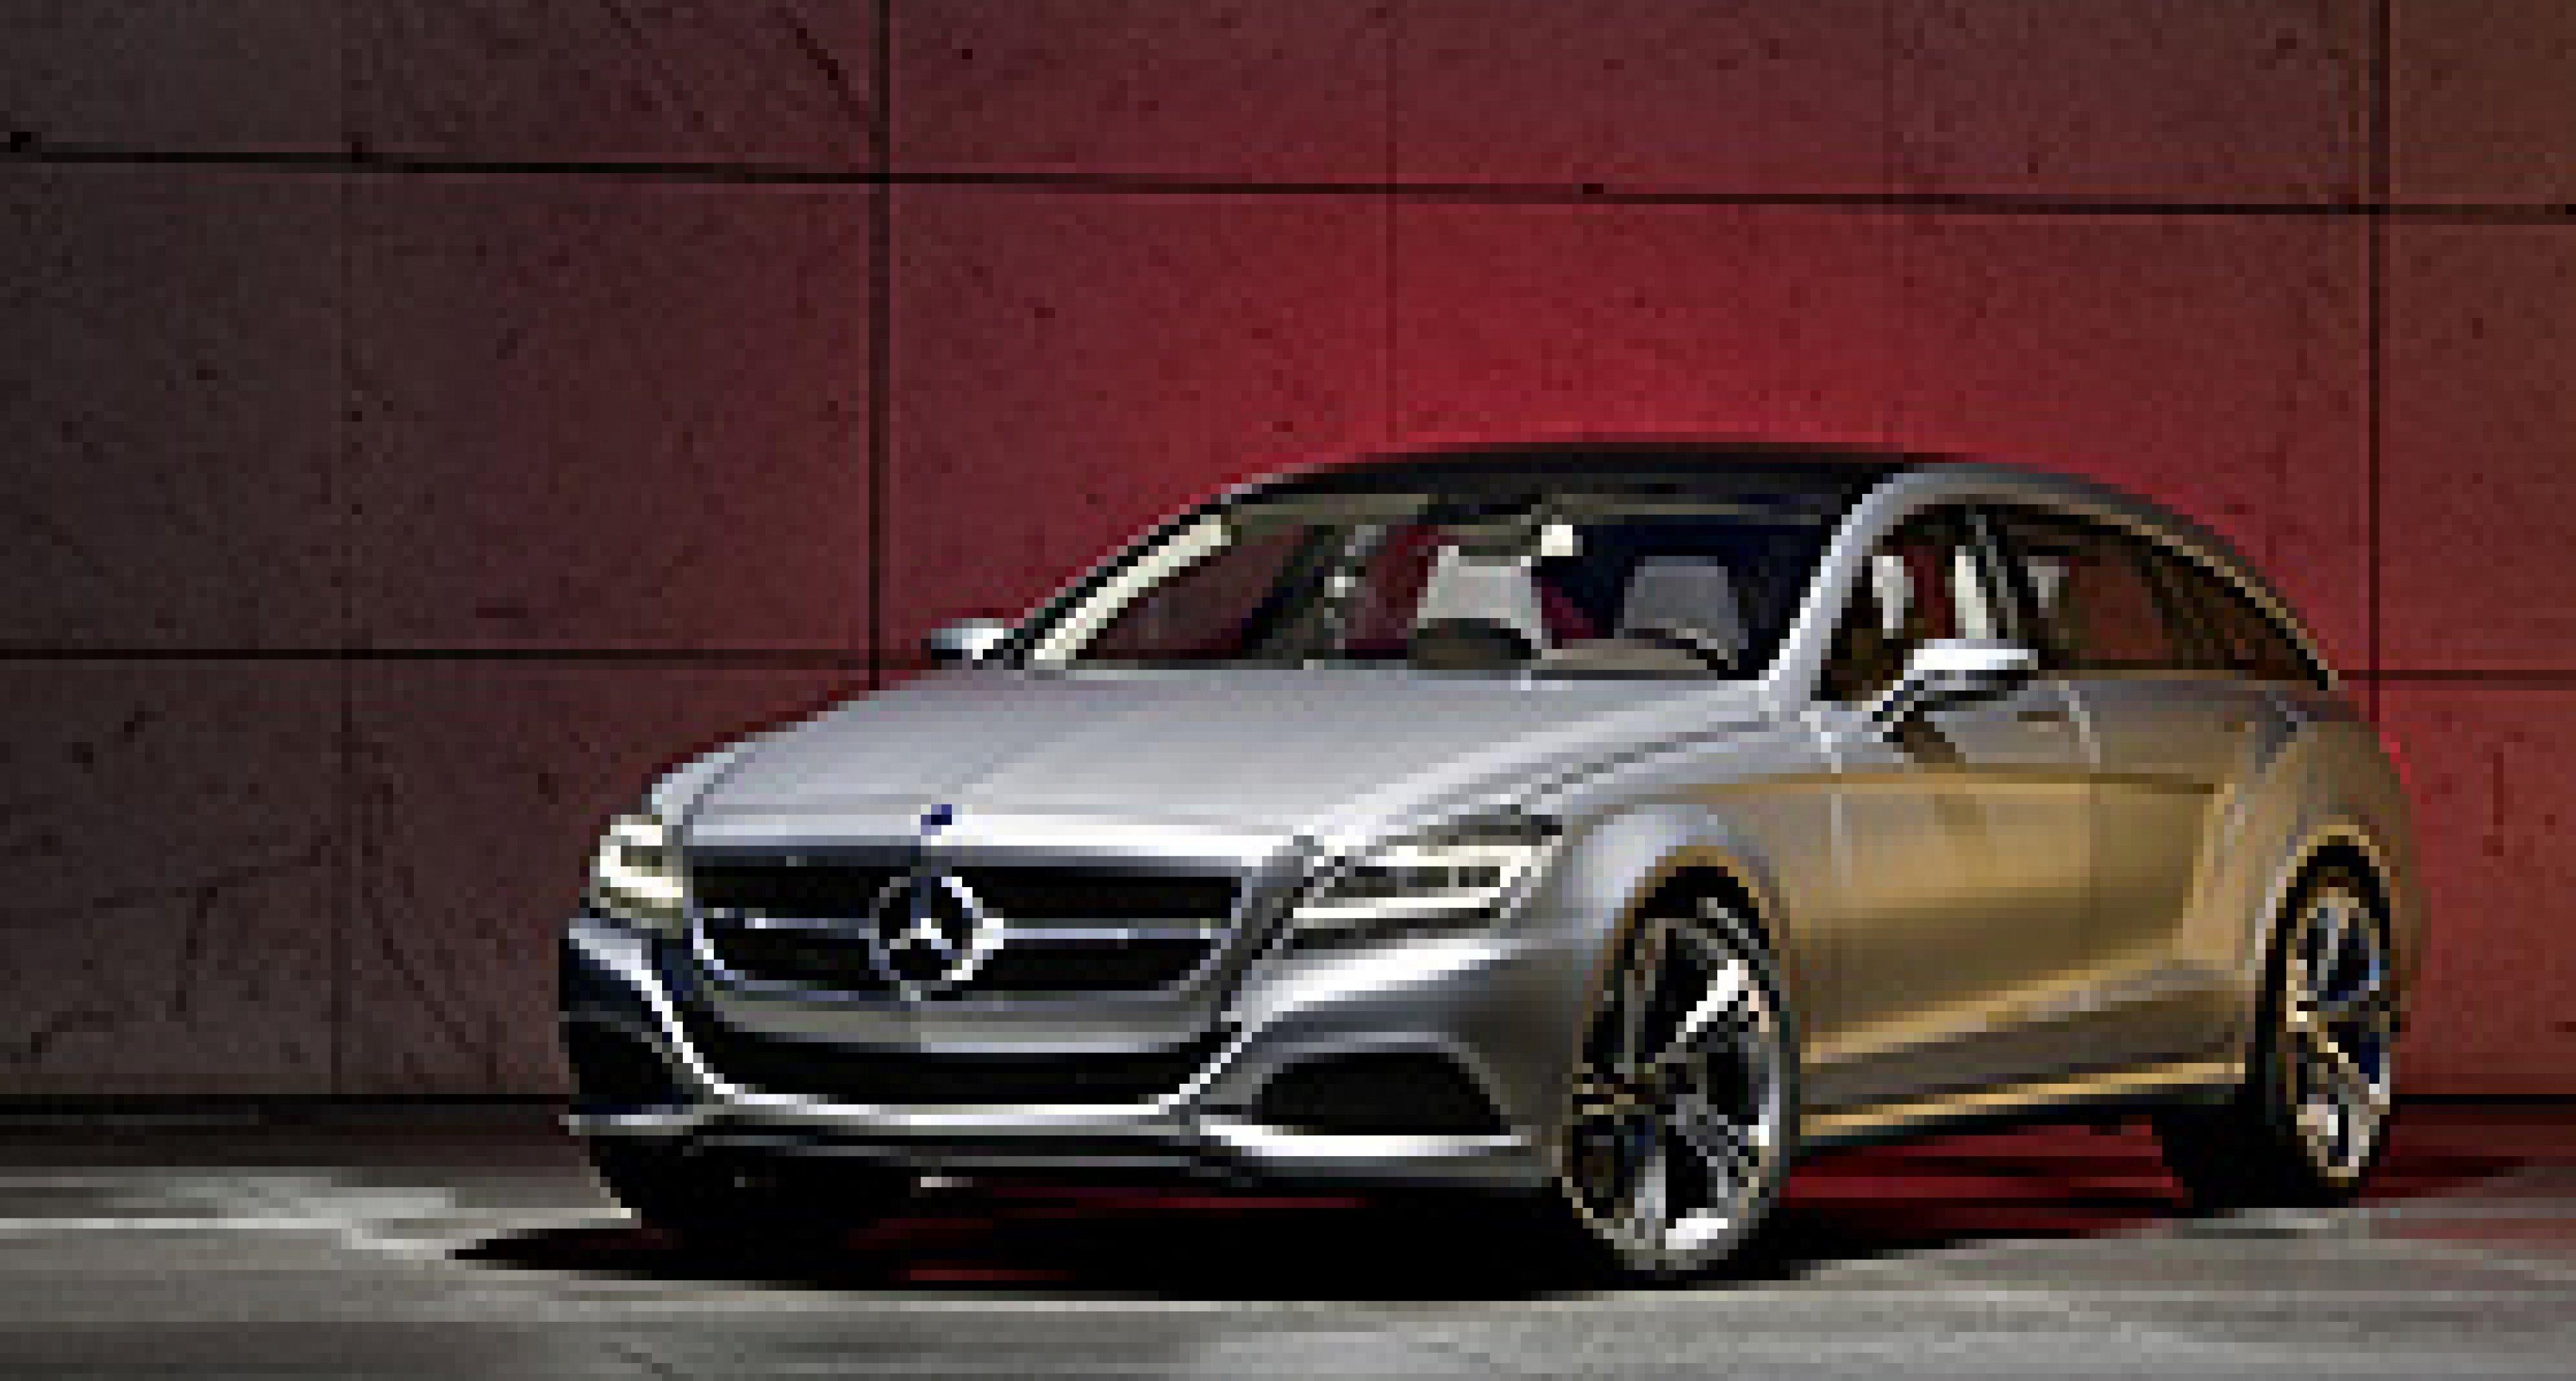 Mercedes-Benz CLS Shooting Brake Arrives 2012